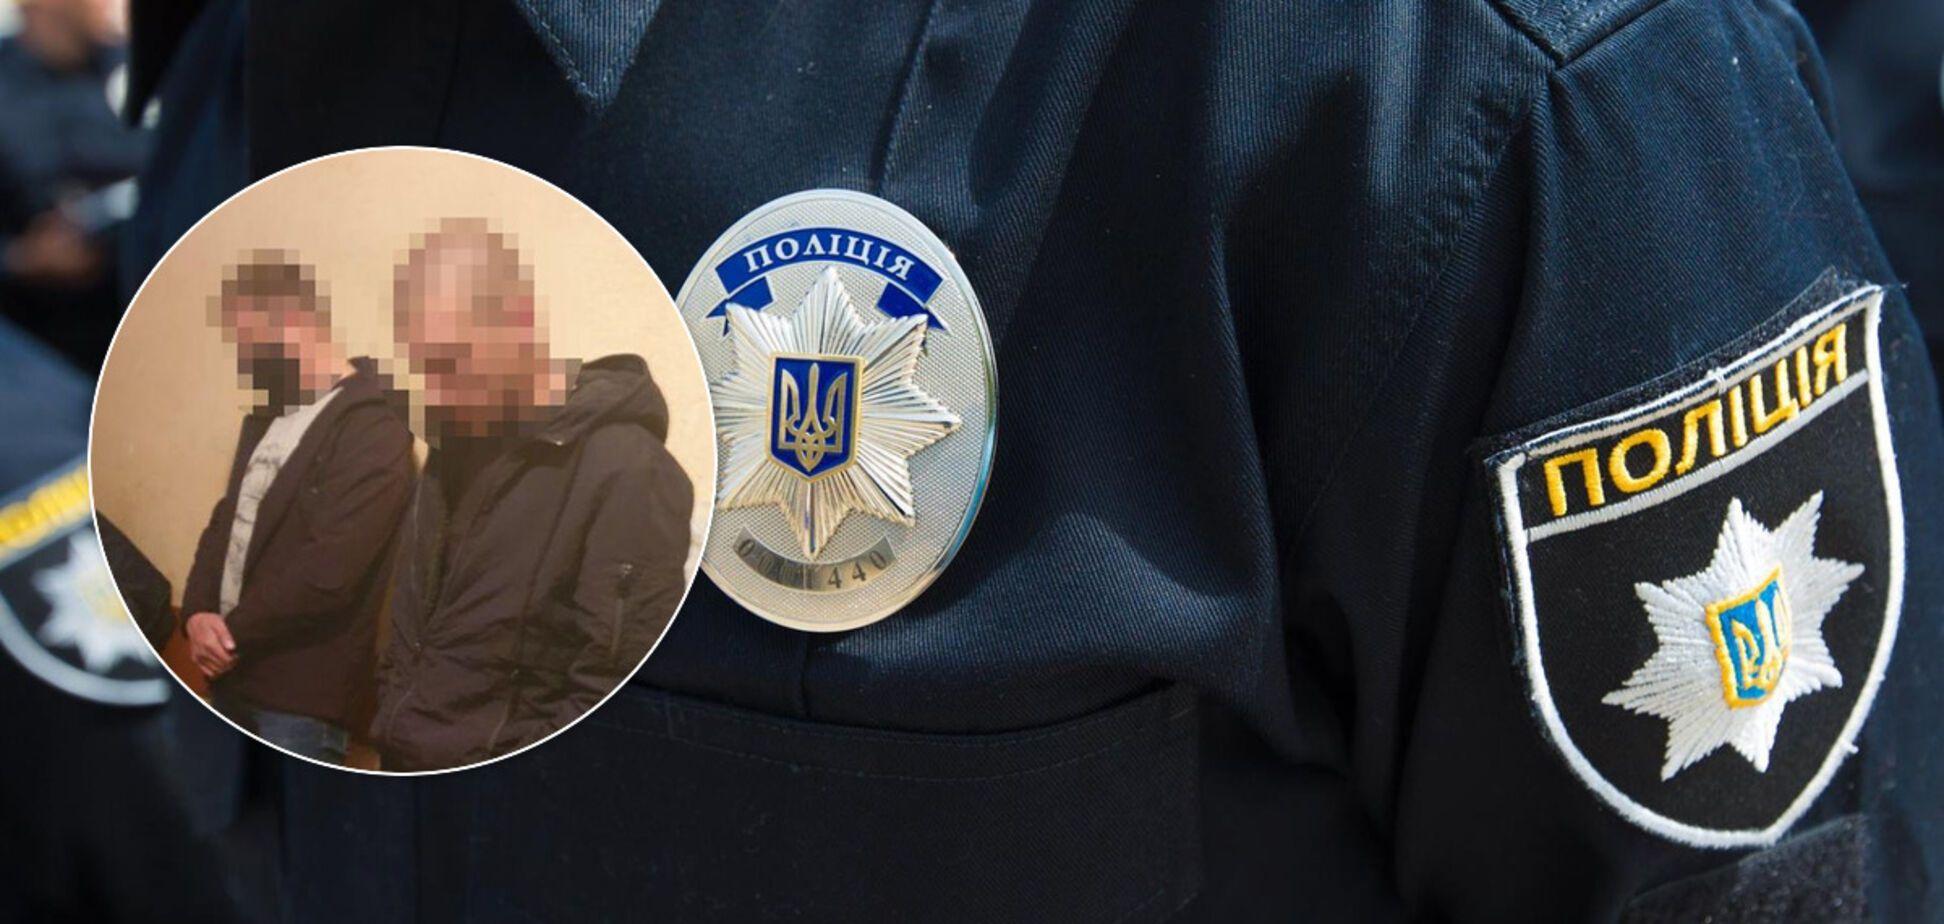 'Использовали схемы': подозреваемые в изнасиловании полицейские из Кагарлыка не проходили переаттестацию